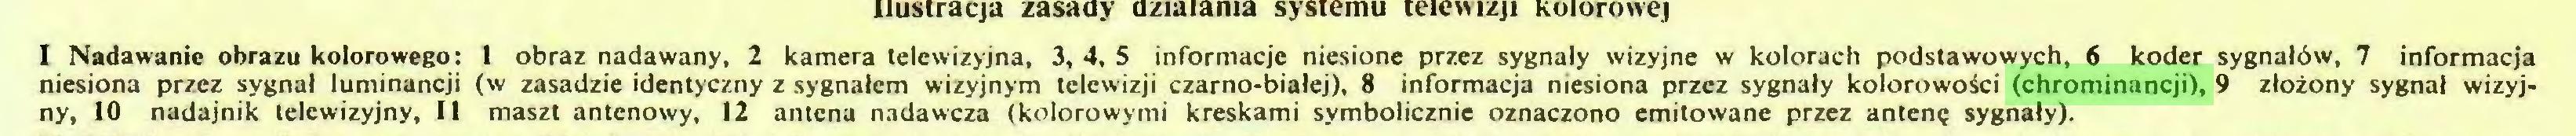 (...) I Nadawanie obrazu kolorowego: 1 obraz nadawany, 2 kamera telewizyjna, 3, 4, 5 informacje niesione przez sygnały wizyjne w kolorach podstawowych, 6 koder sygnałów, 7 informacja niesiona przez sygnał luminancji (w zasadzie identyczny z sygnałem wizyjnym telewizji czarno-białej), 8 informacja niesiona przez sygnały kolorowości (chrominancji), 9 złożony sygnał wizyjny, 10 nadajnik telewizyjny, II maszt antenowy, 12 antena nadawcza (kolorowymi kreskami symbolicznie oznaczono emitowane przez antenę sygnały)...